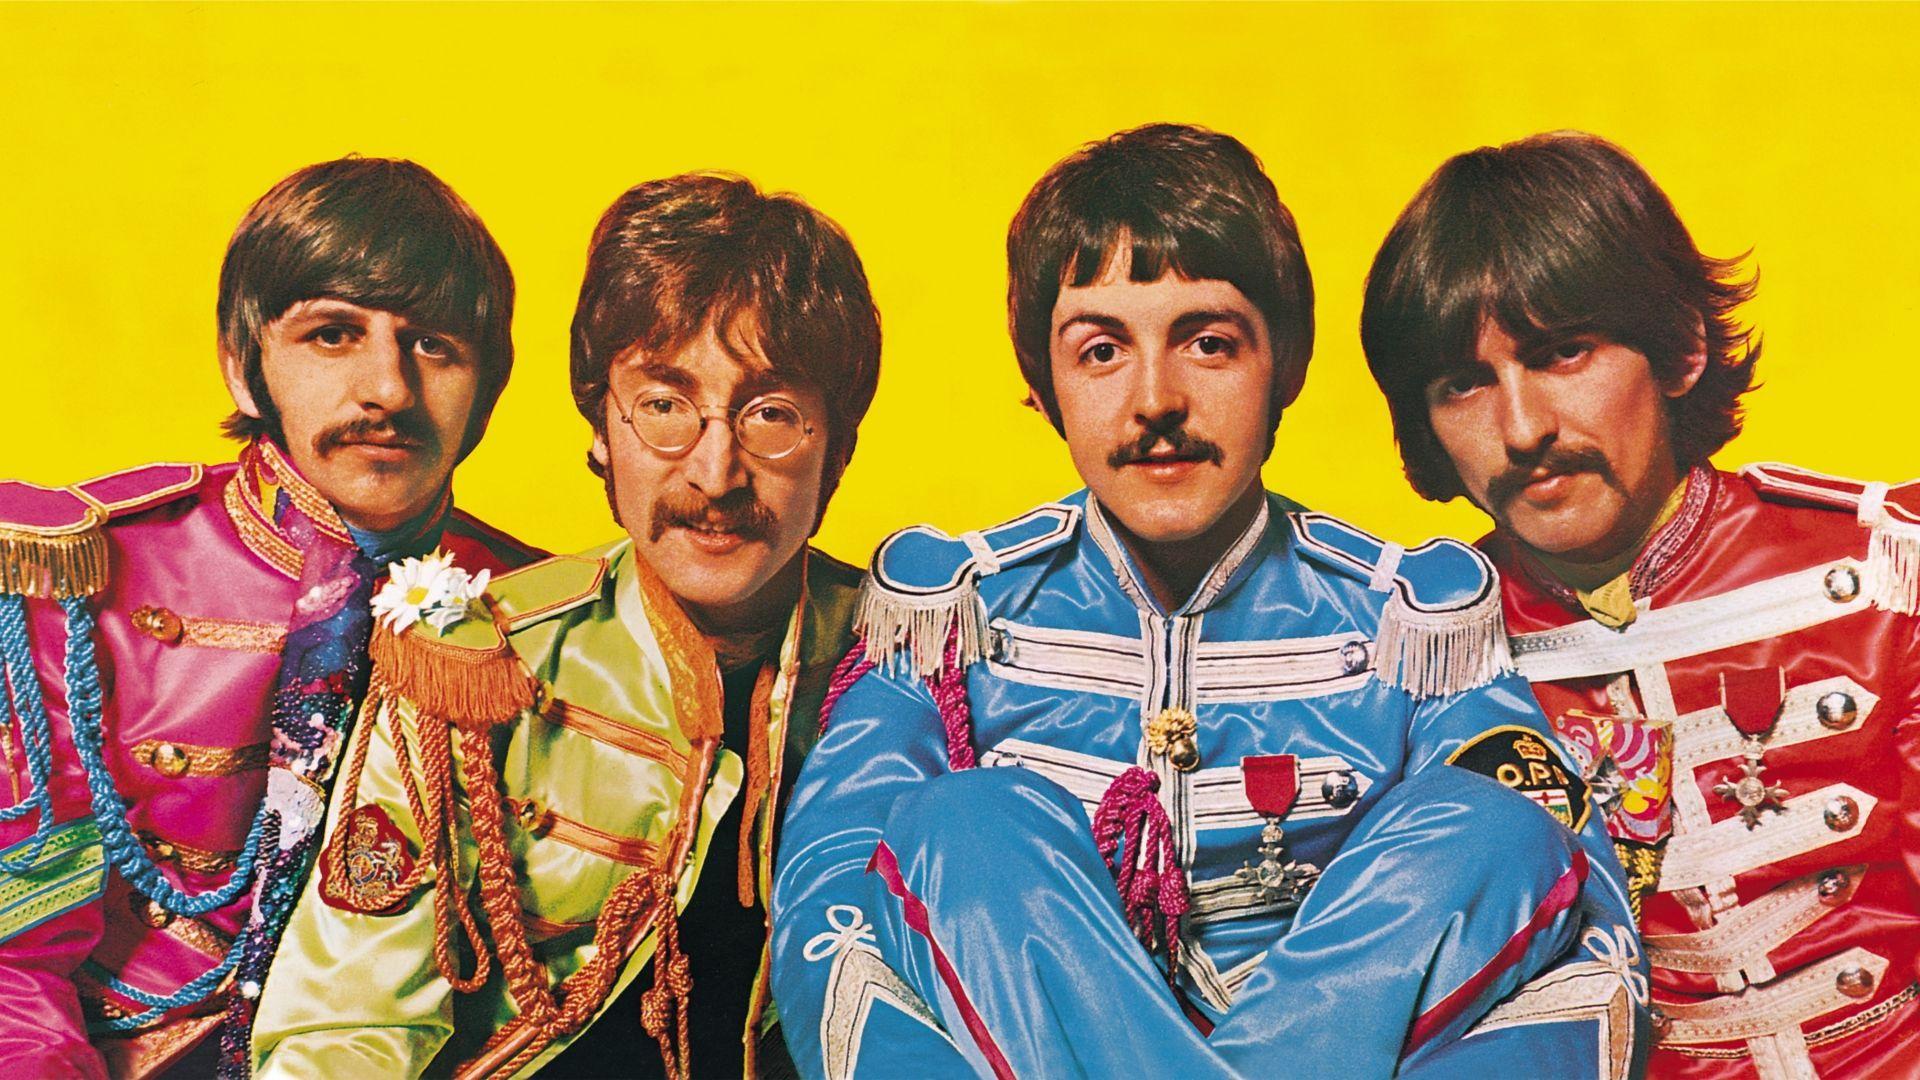 ¿Cuál fue la canción de The Beatles que contuvo el único solo de batería grabado por Ringo con la banda?